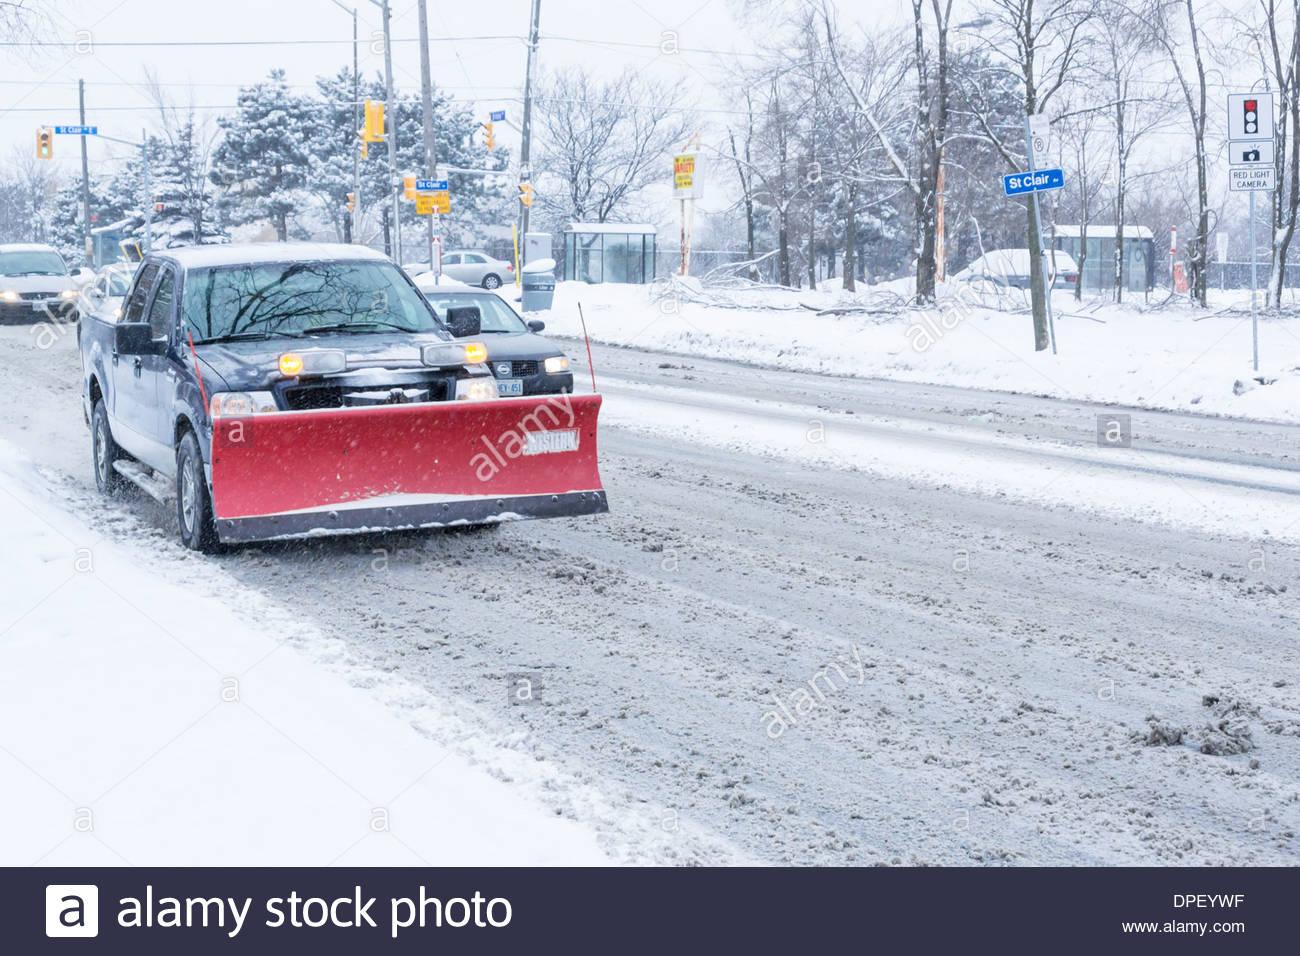 Quitanieves en día tan frío que la sal ineficaces en el derretimiento de la nieve creando un lodo resbaladizo en la carretera en Toronto, Ontario, Canadá Imagen De Stock